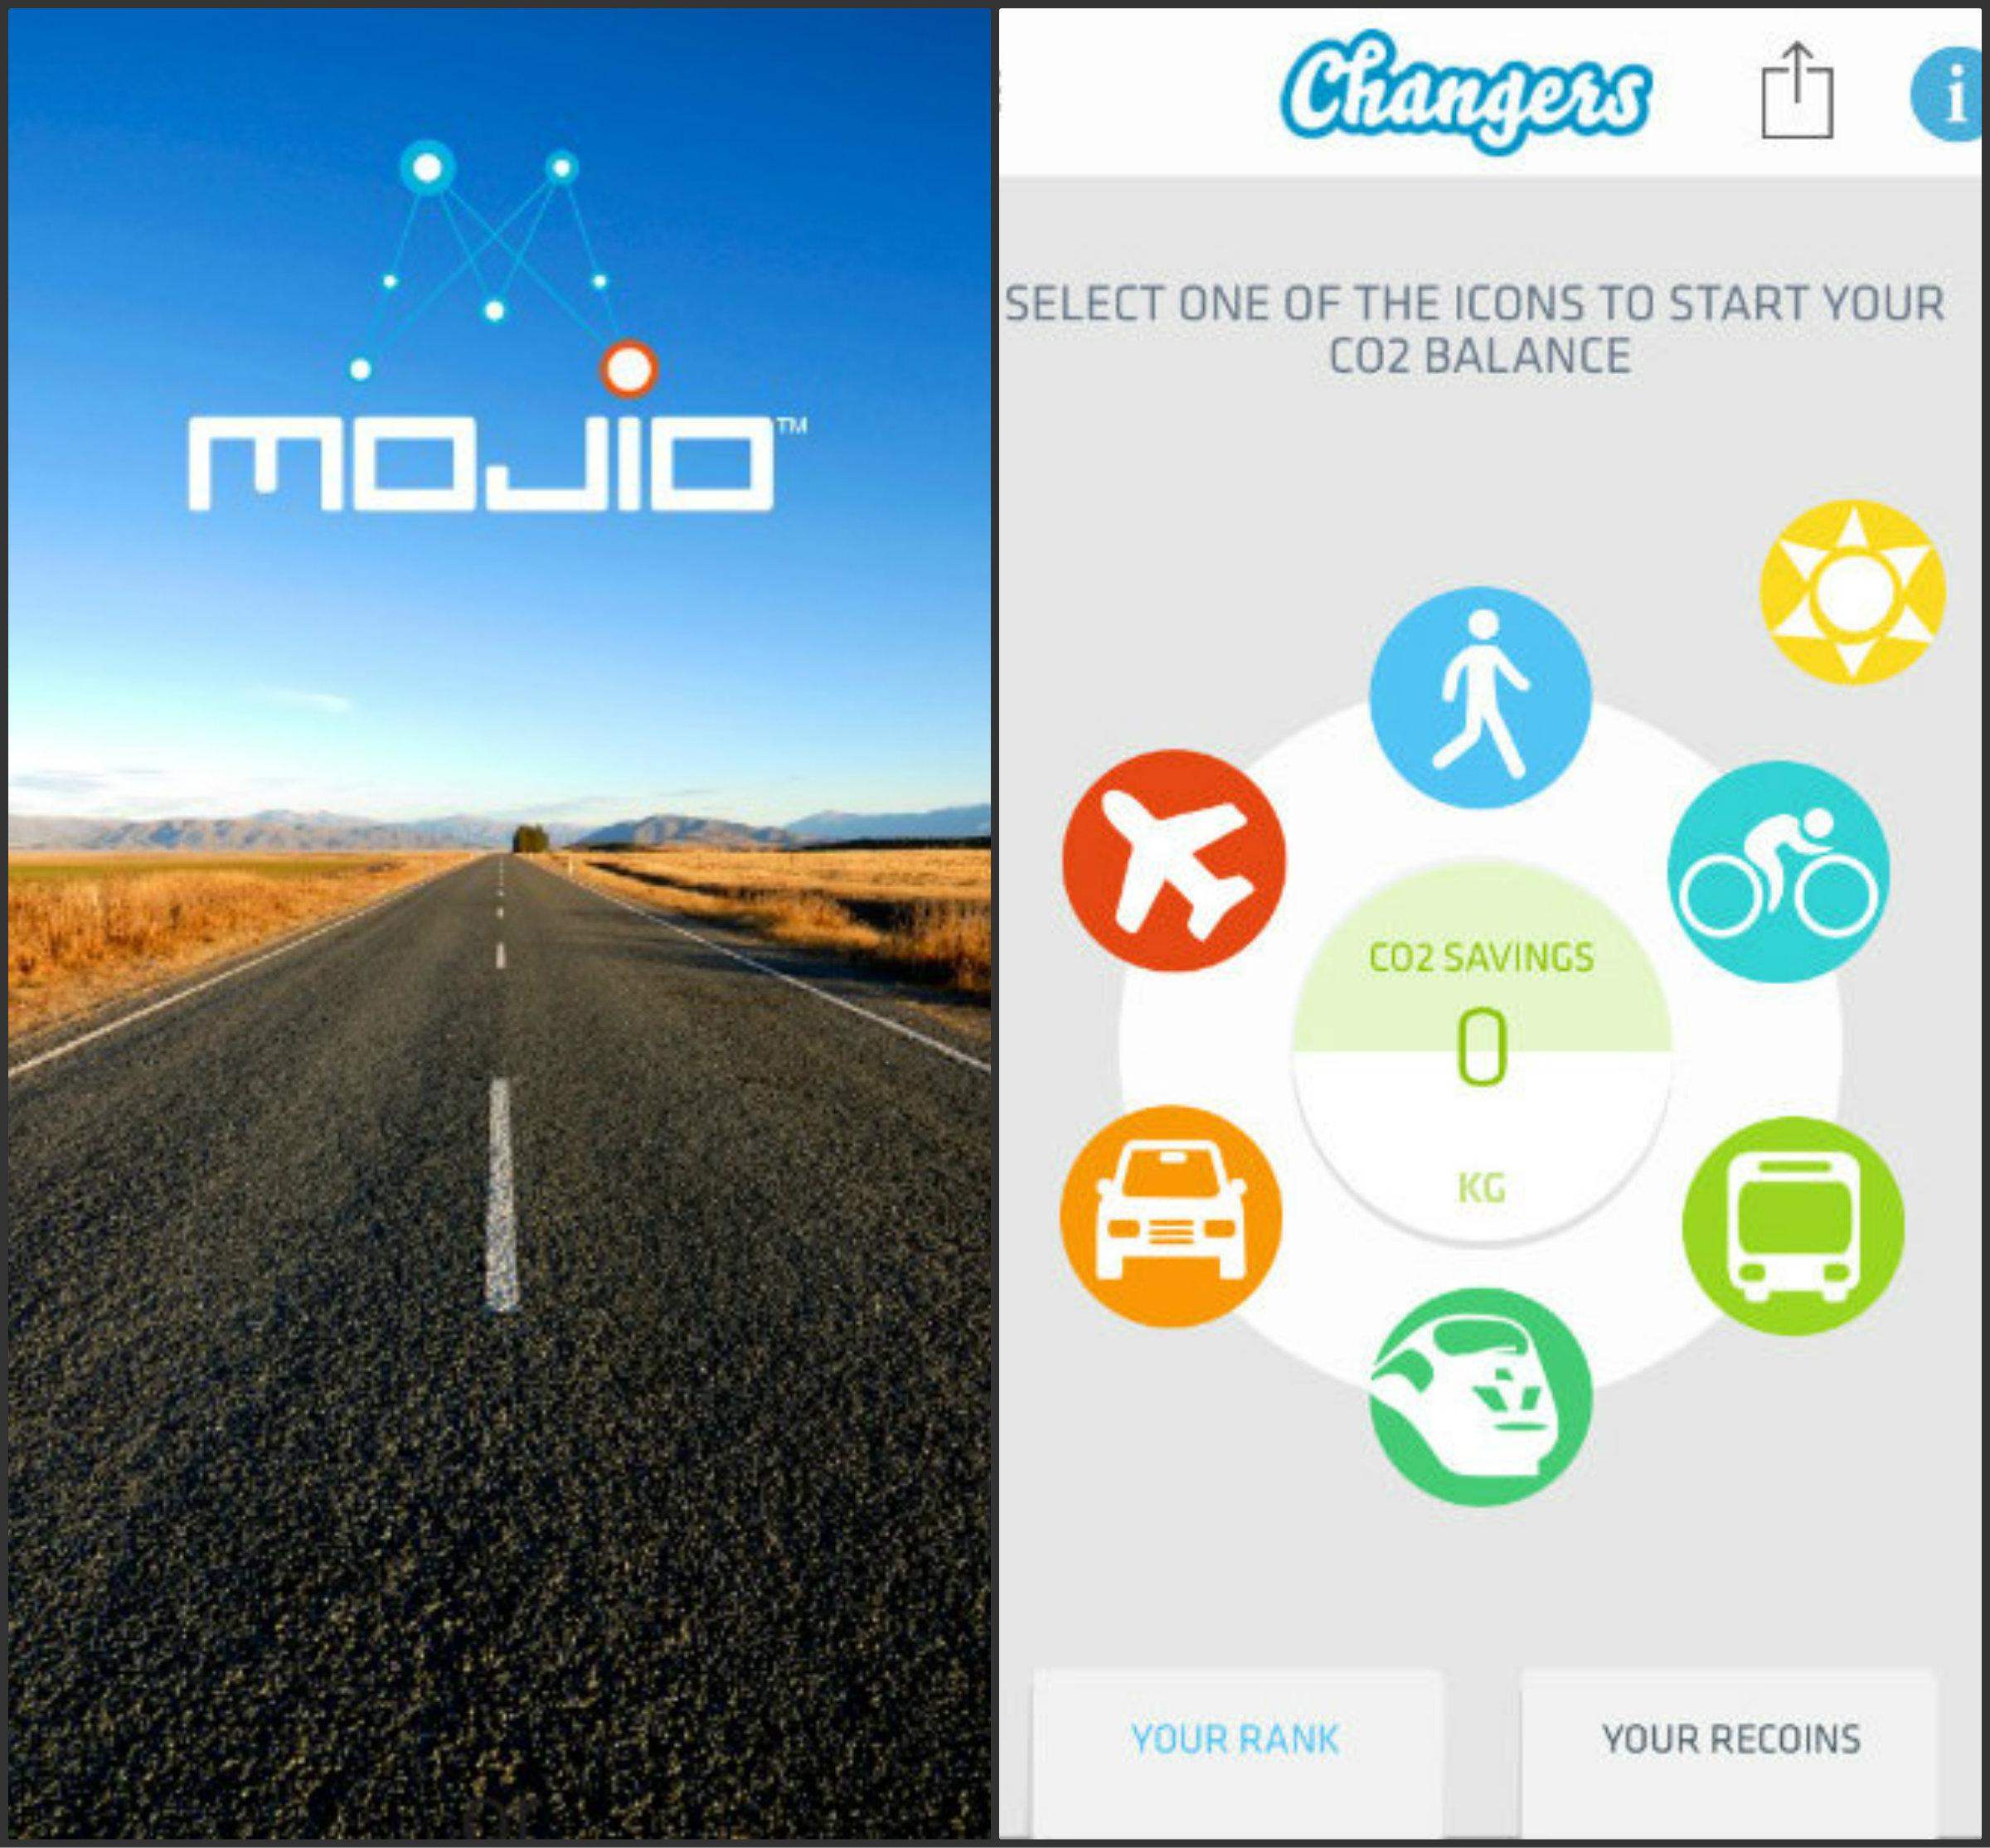 Changers CO2 Fit premia las conductas sostenibles y Mojio facilita información para adoptar medidas para reducir la huella de carbono de nuestro automóvil a través de un dispositivo que se acopla en el puerto de diagnóstico del coche.